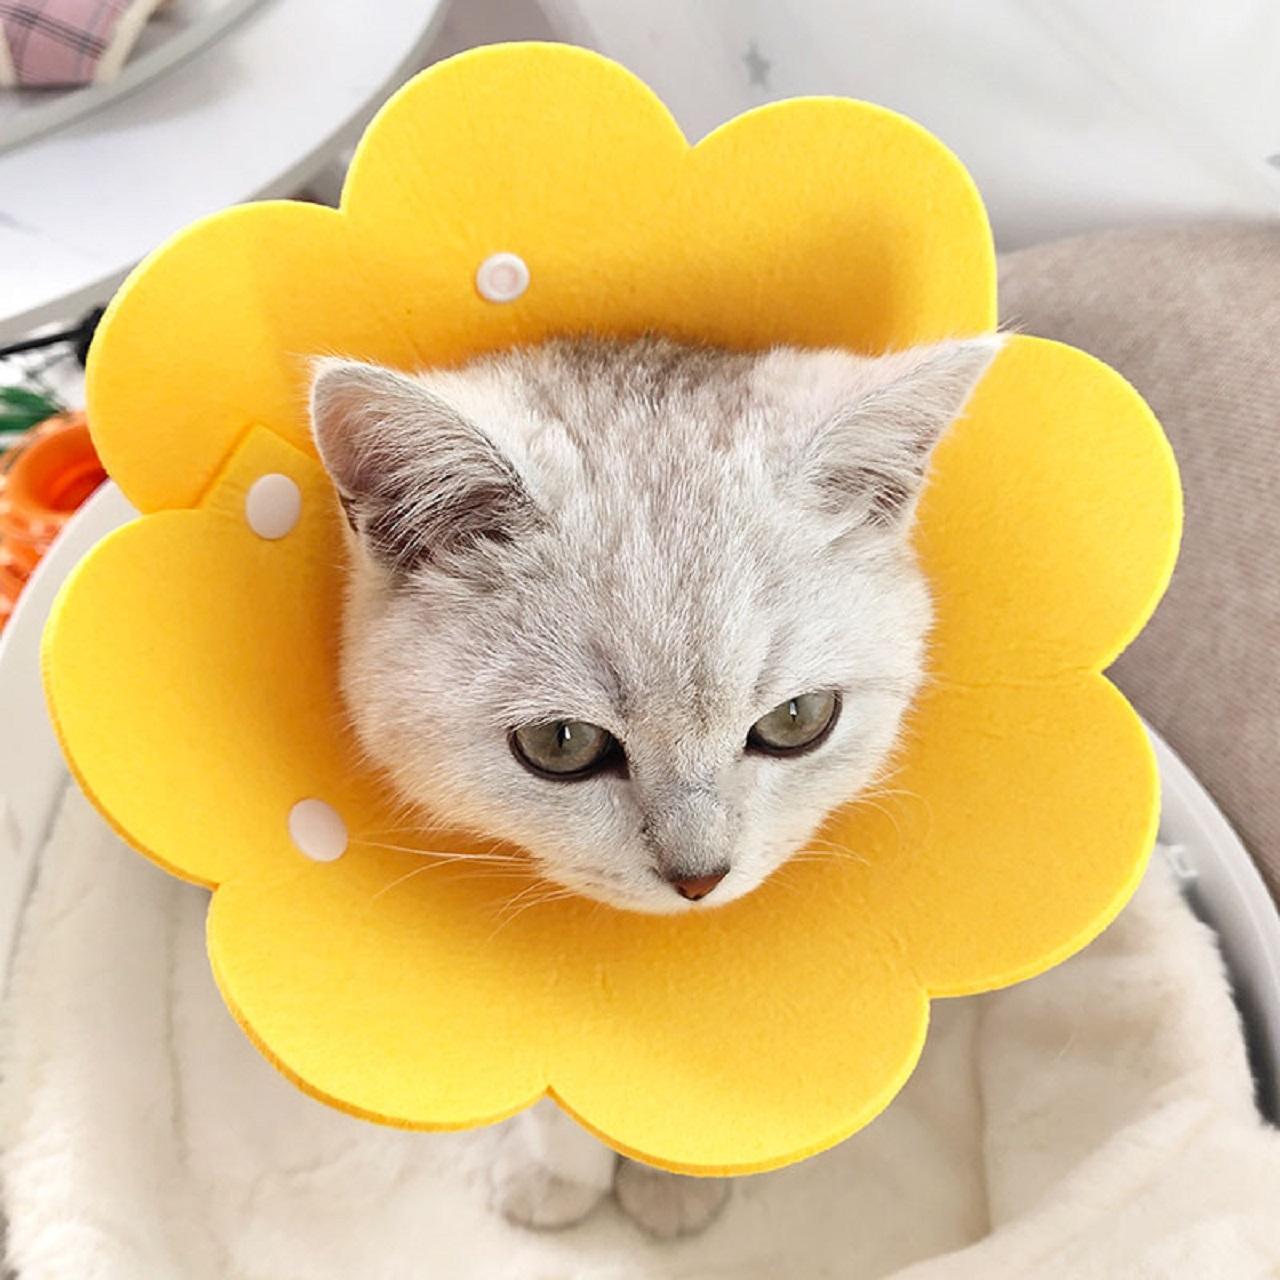 猫咪伊丽莎白圈猫软脖圈狗项圈伊莉莎白伊利沙白防舔头套绝育用品